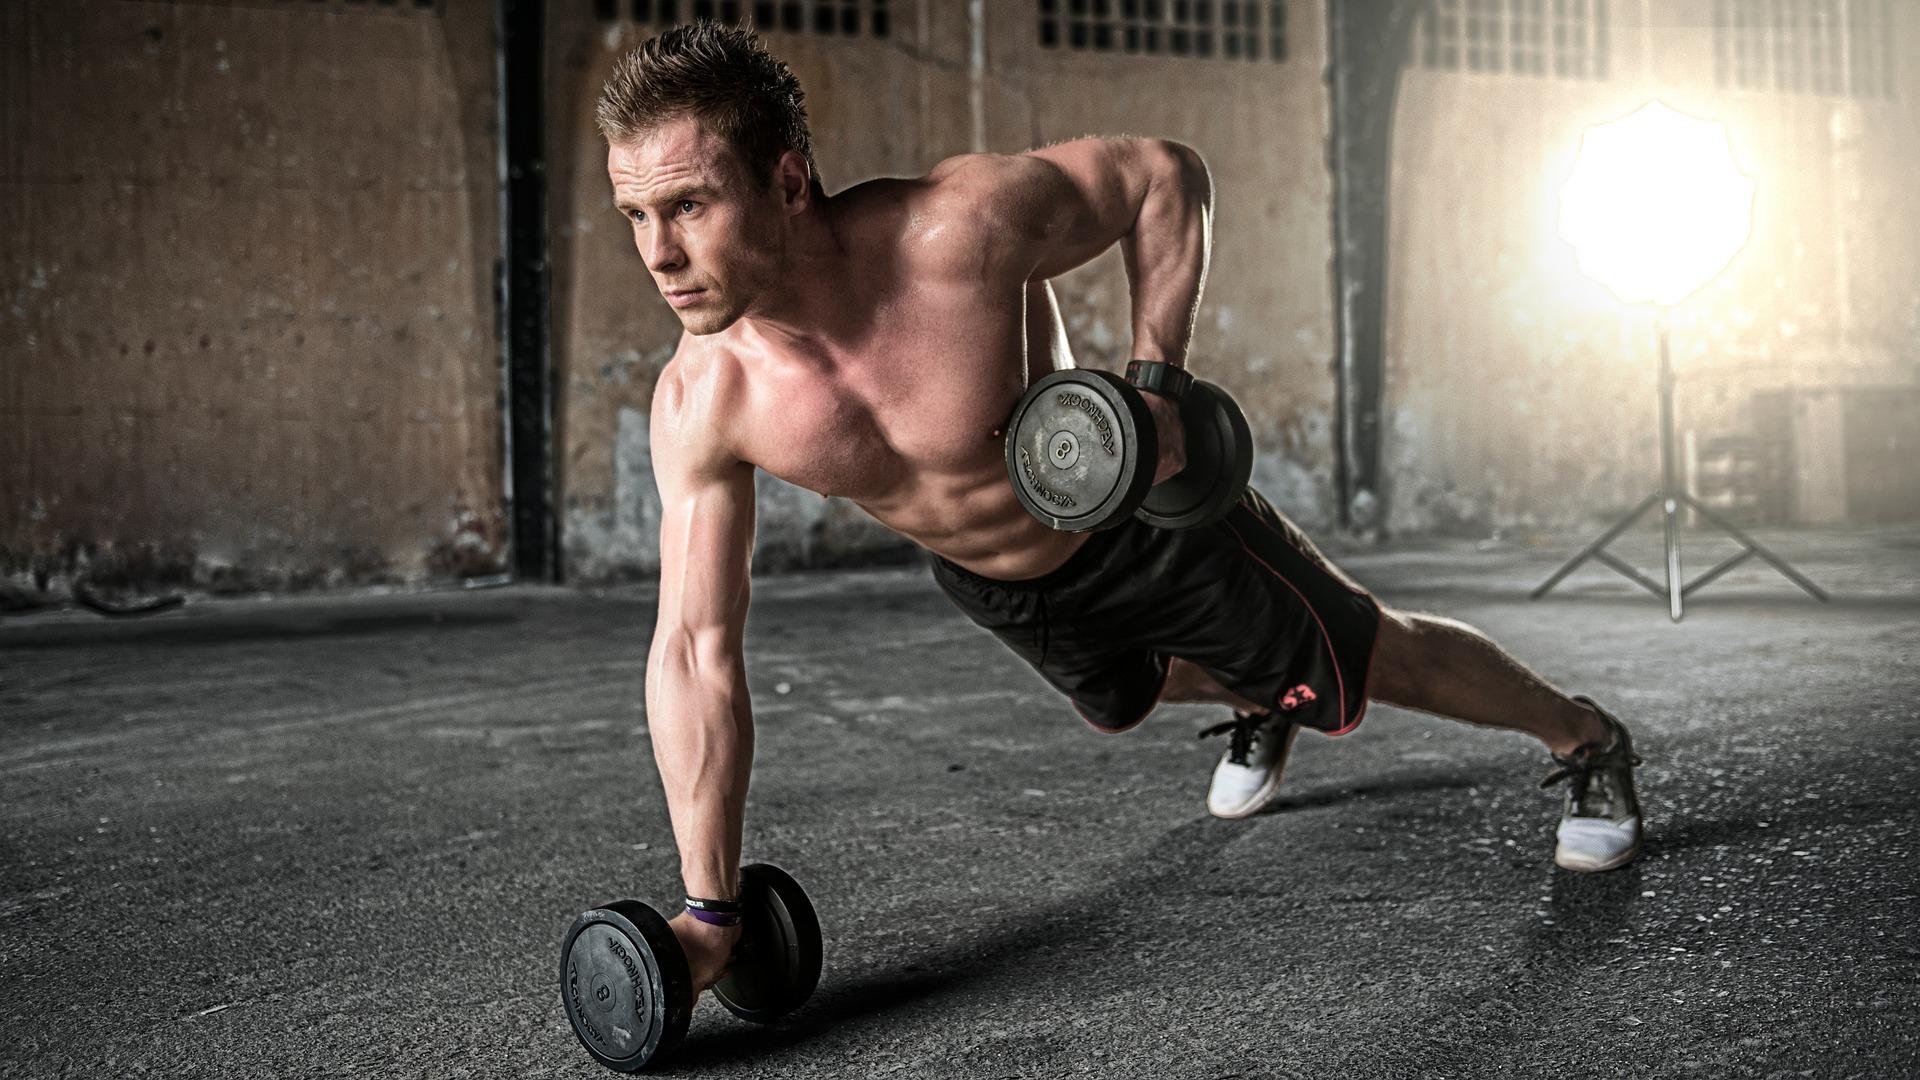 Dicas de como perder peso com atividades físicas